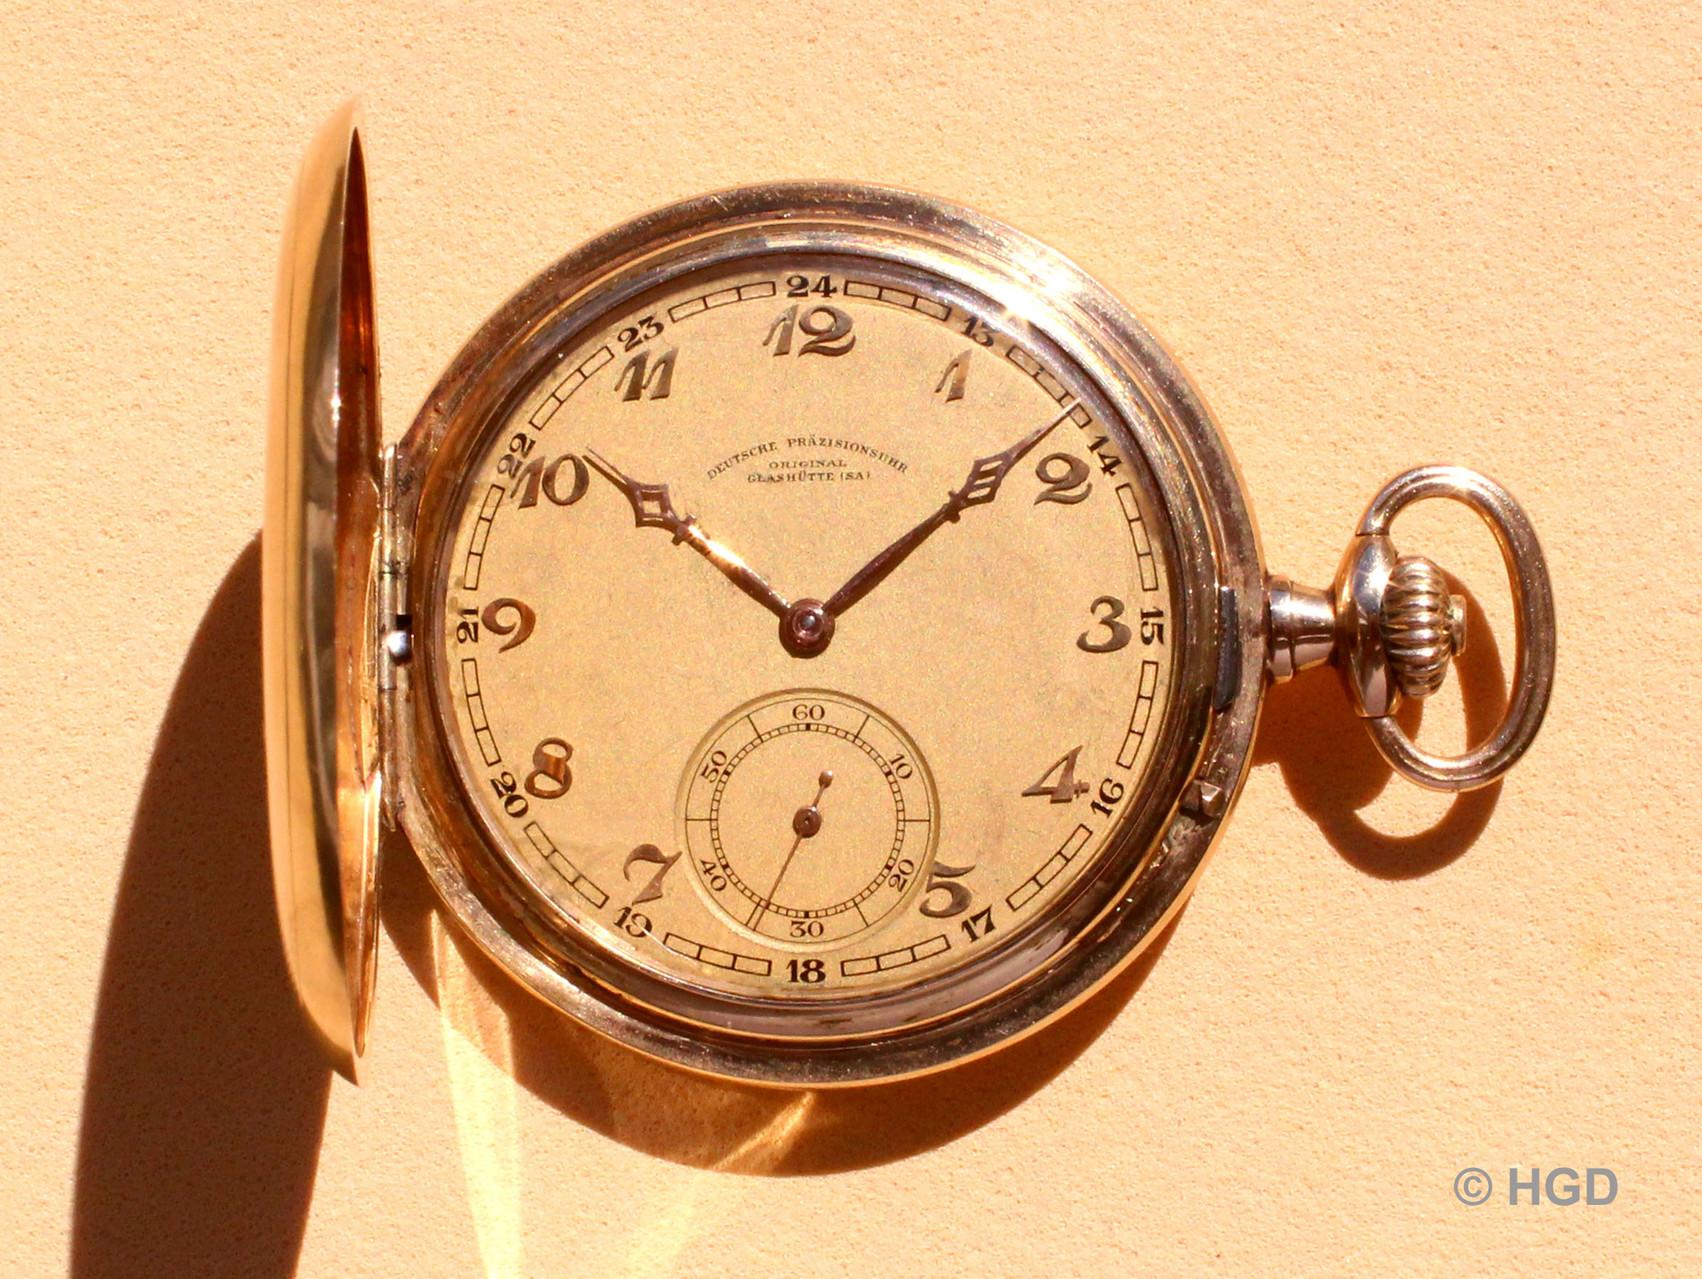 Vergoldetes Metallzifferblatt mit aufgesetzten Stundenzahlen und gedruckter 24 Stundenanzeige, abgesenktes Sekundenzifferblatt, vergoldete Kathedralzeiger